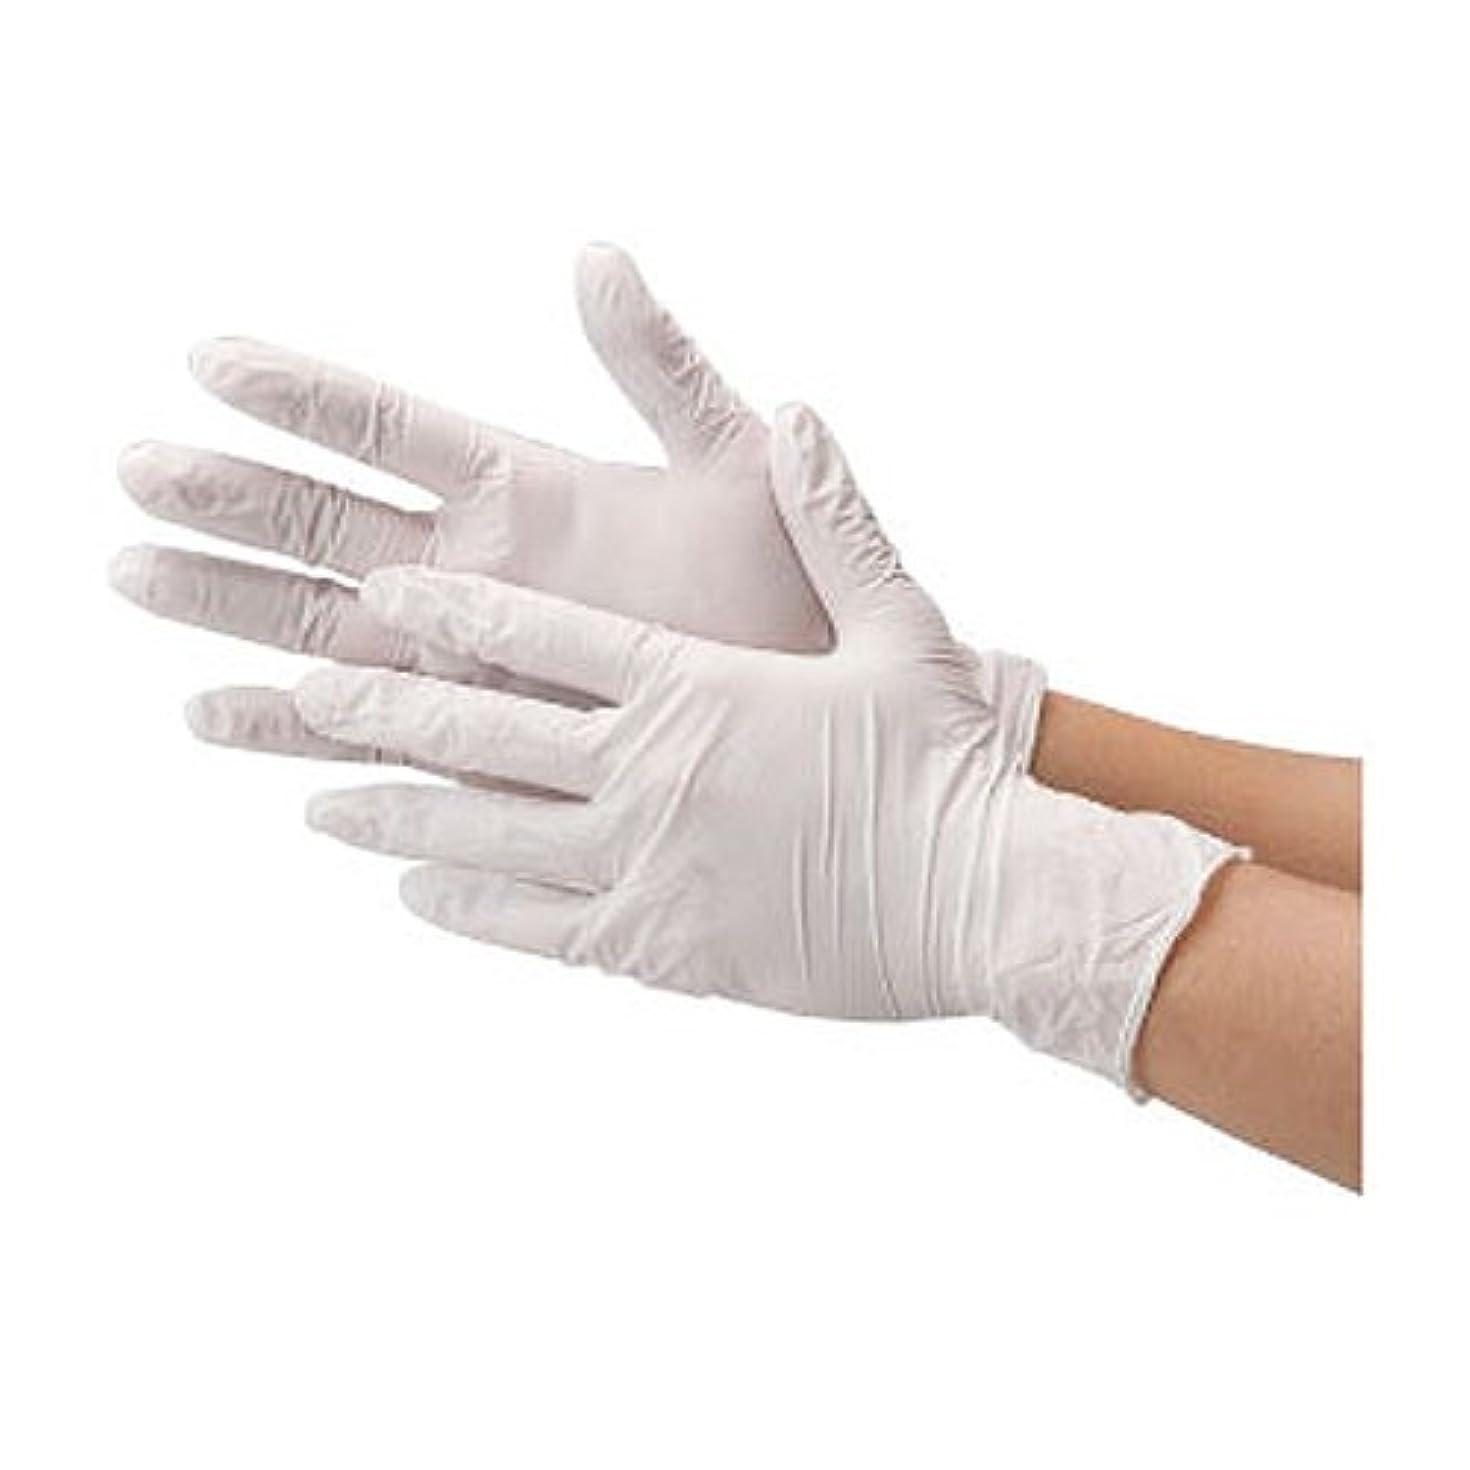 薬剤師廊下寺院川西工業 ニトリル 使いきり手袋 ストロング 粉無 100枚入り 2037 ホワイトSS